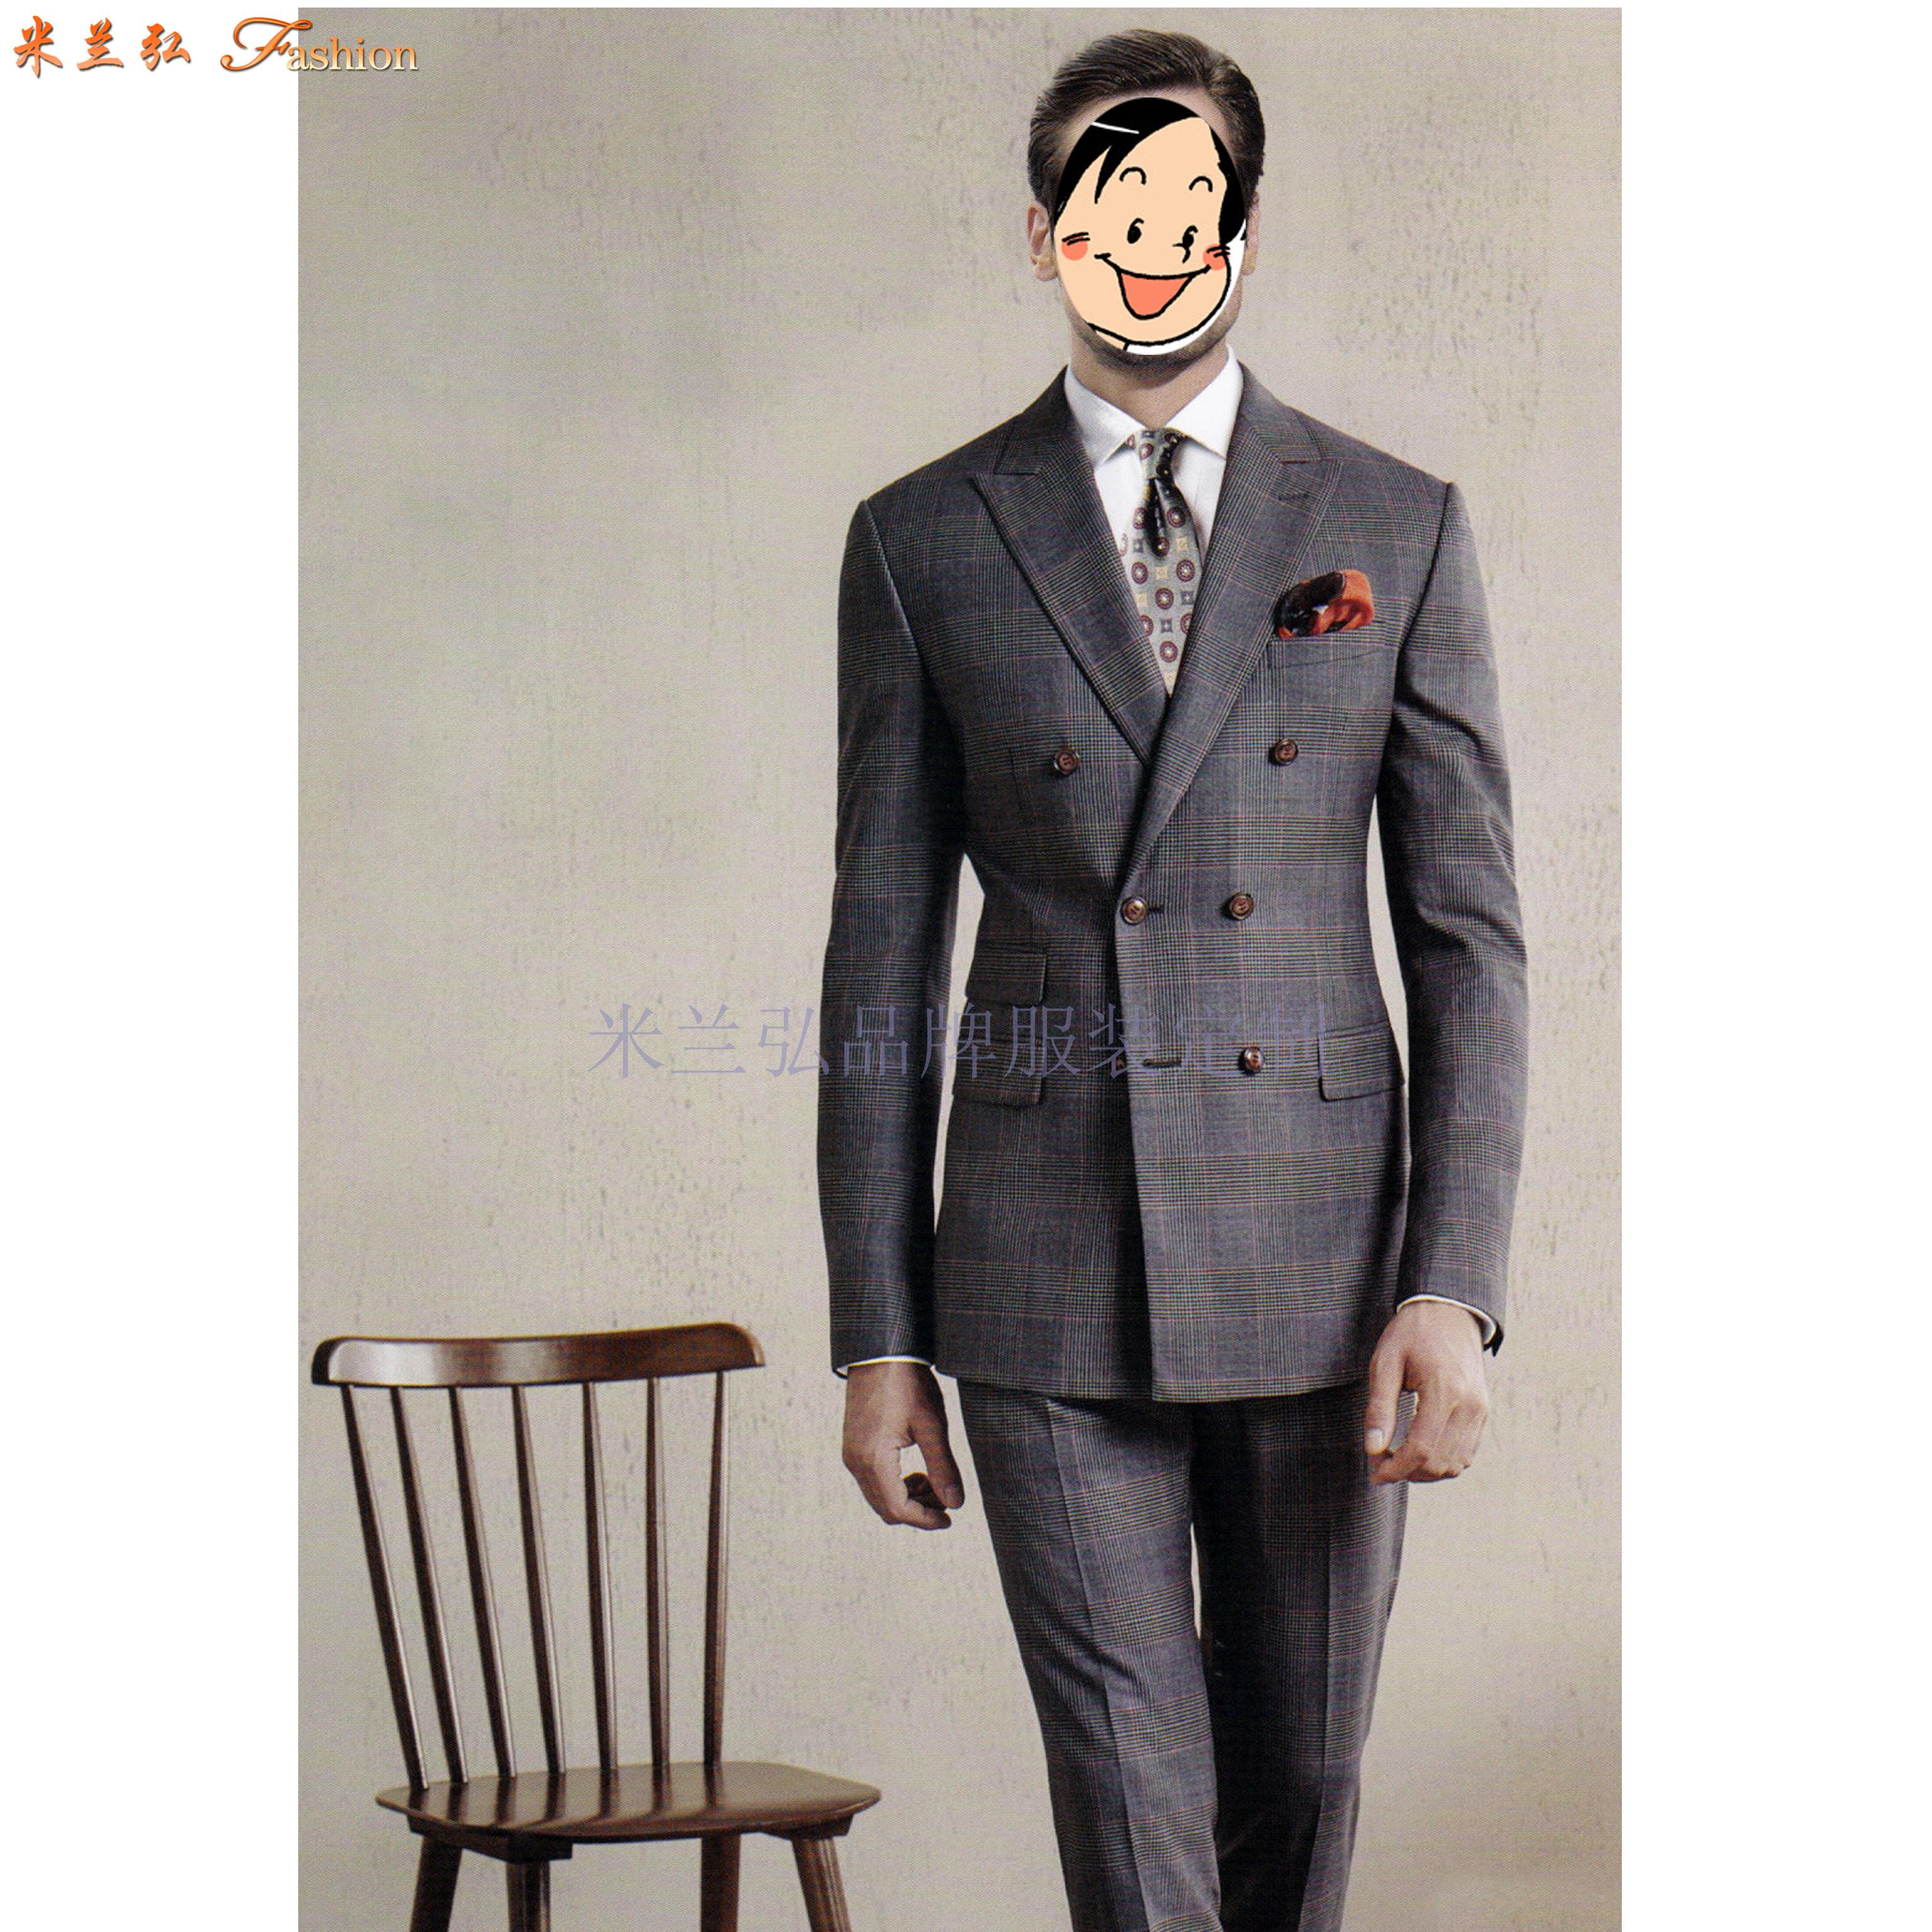 「廊坊量身定制品牌西服的地方」推薦西裝筆挺米蘭弘西服公司-1